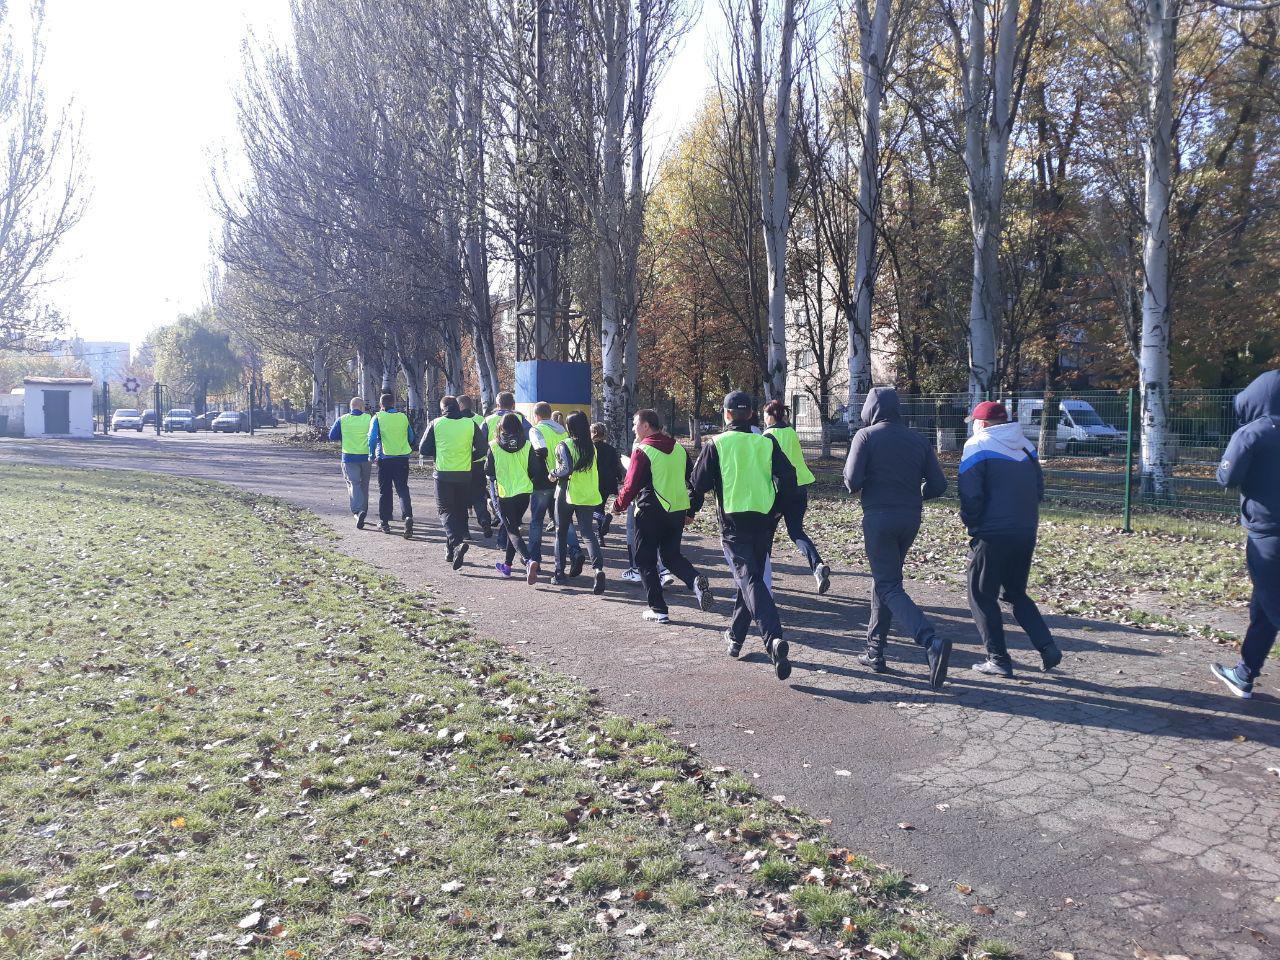 Правоохоронці Покровської оперативної зони взяли участь у марафоні до Дня захисника України, фото-11